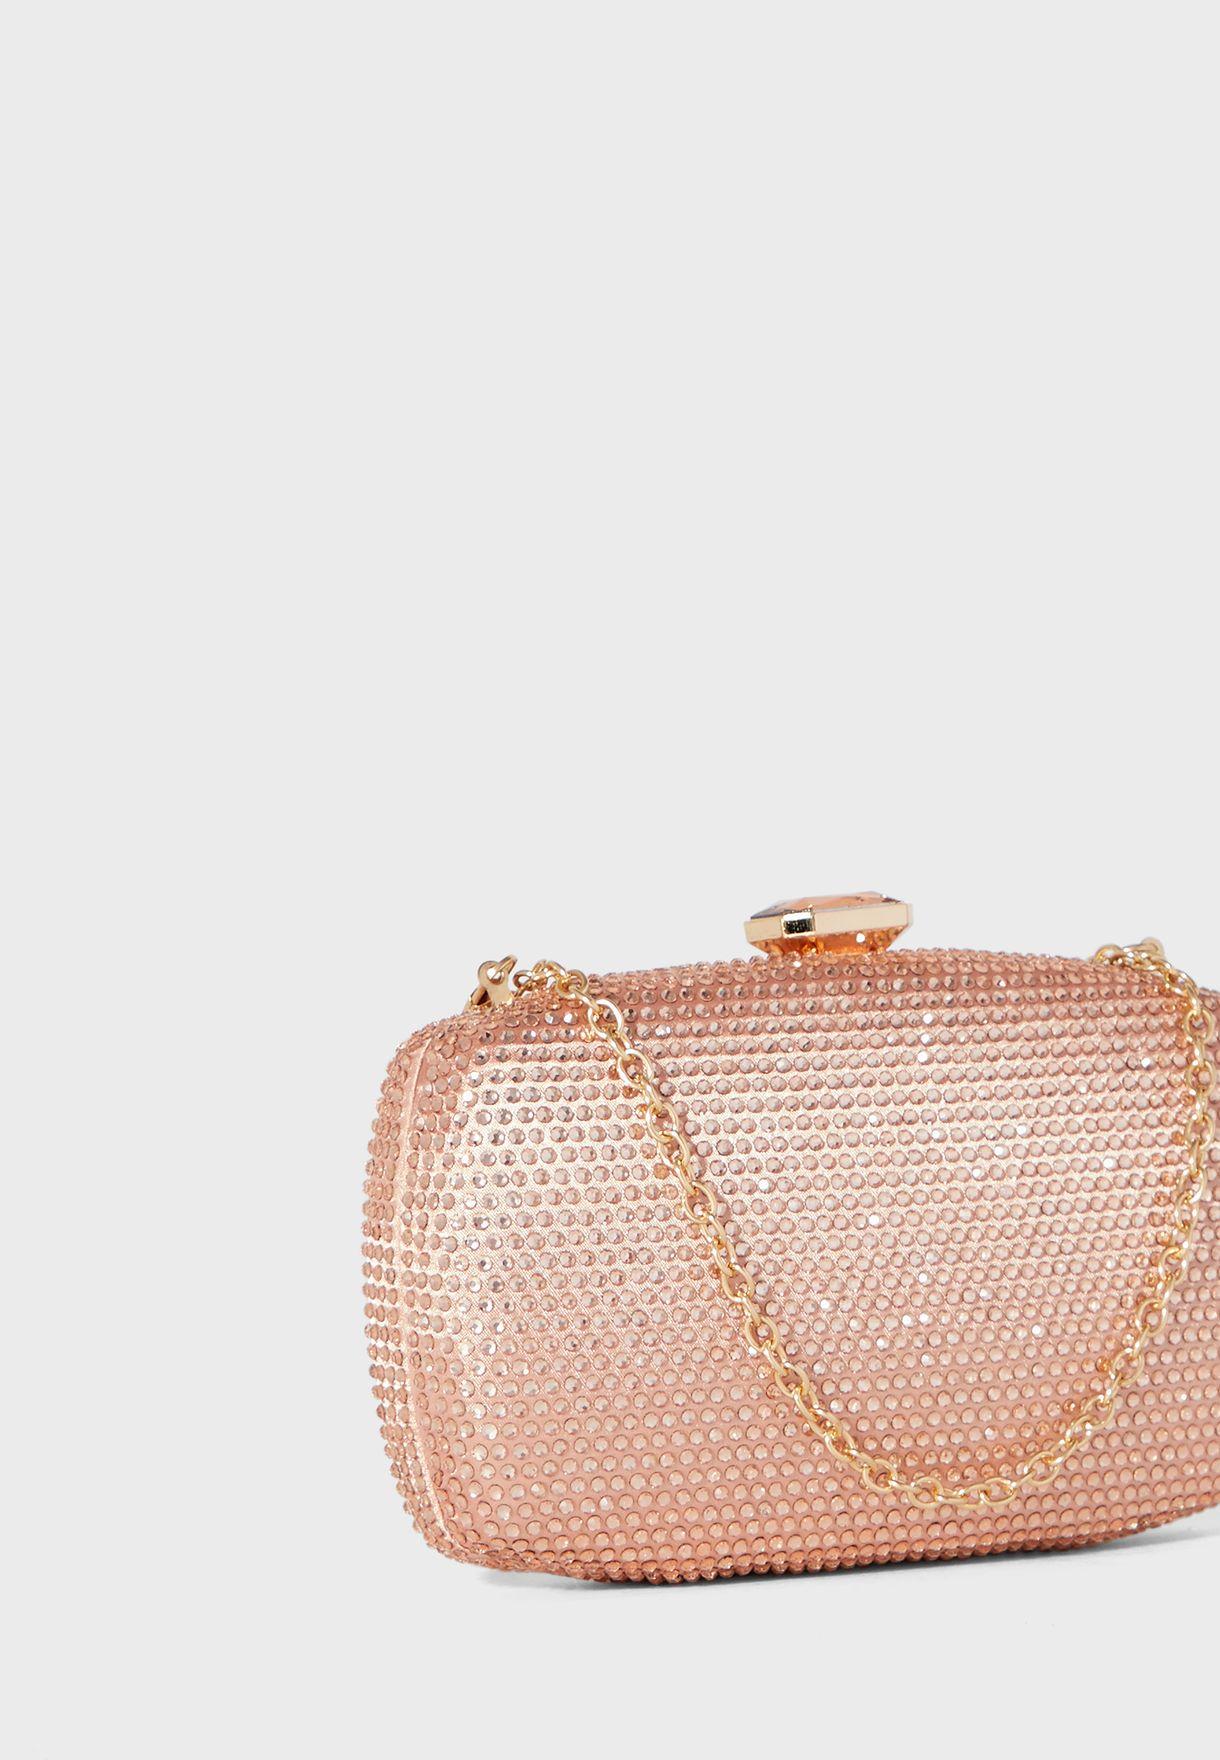 Diamante Clutch Bag